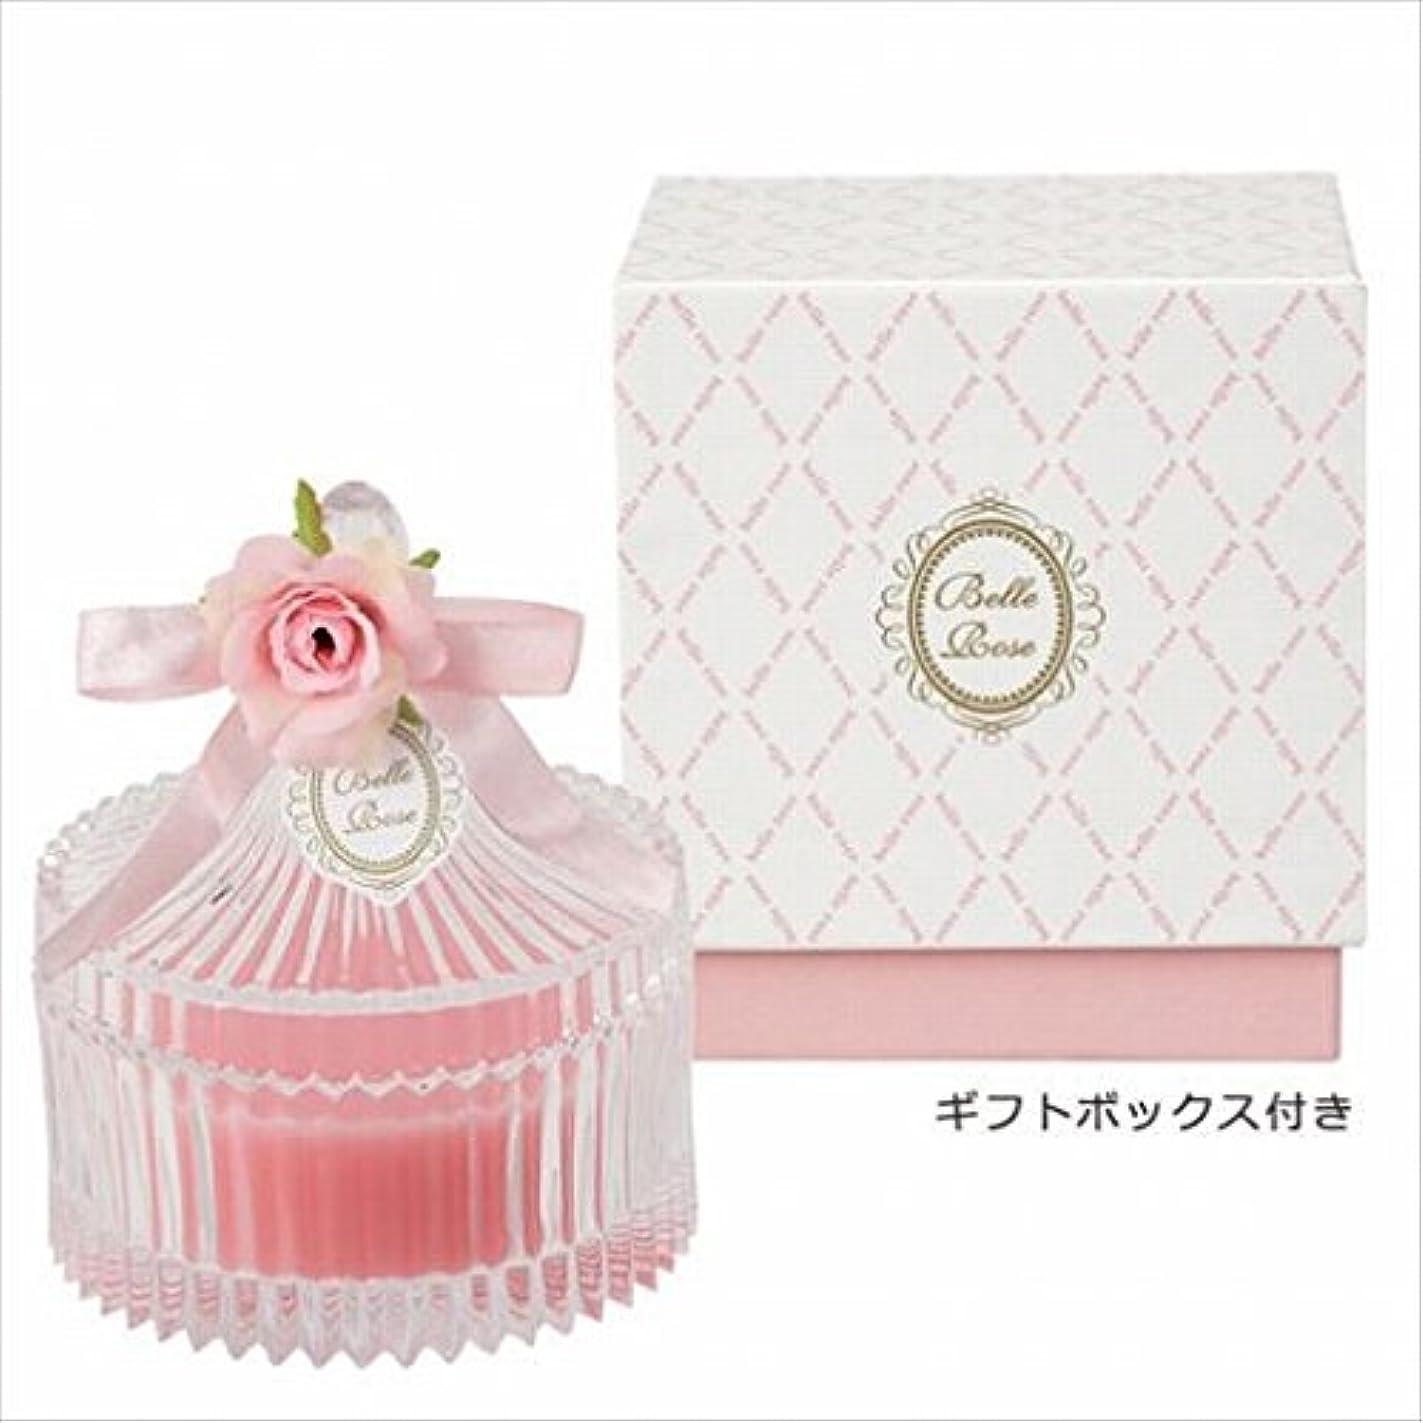 反応するチャレンジ皮肉なカメヤマキャンドル( kameyama candle ) ベルローズキャニスター 「 ピンク 」 キャンドル